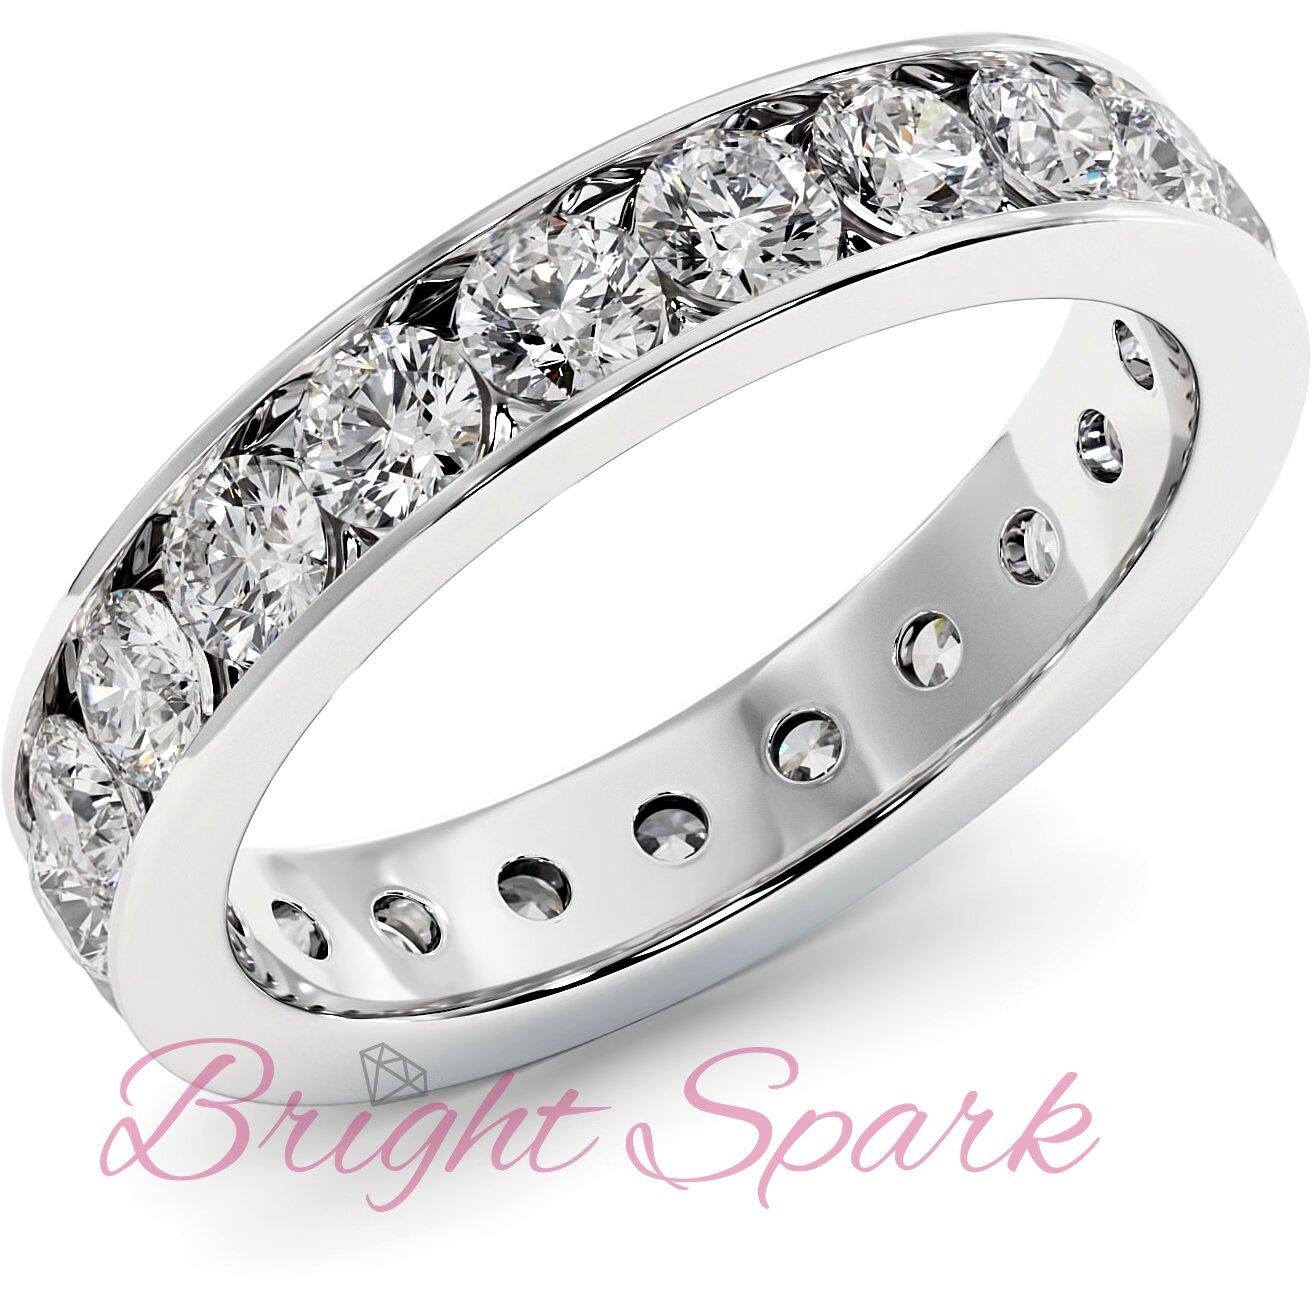 Обручальное кольцо белого золота с дорожкой по кругу 3 мм Eternity  1,9 карата